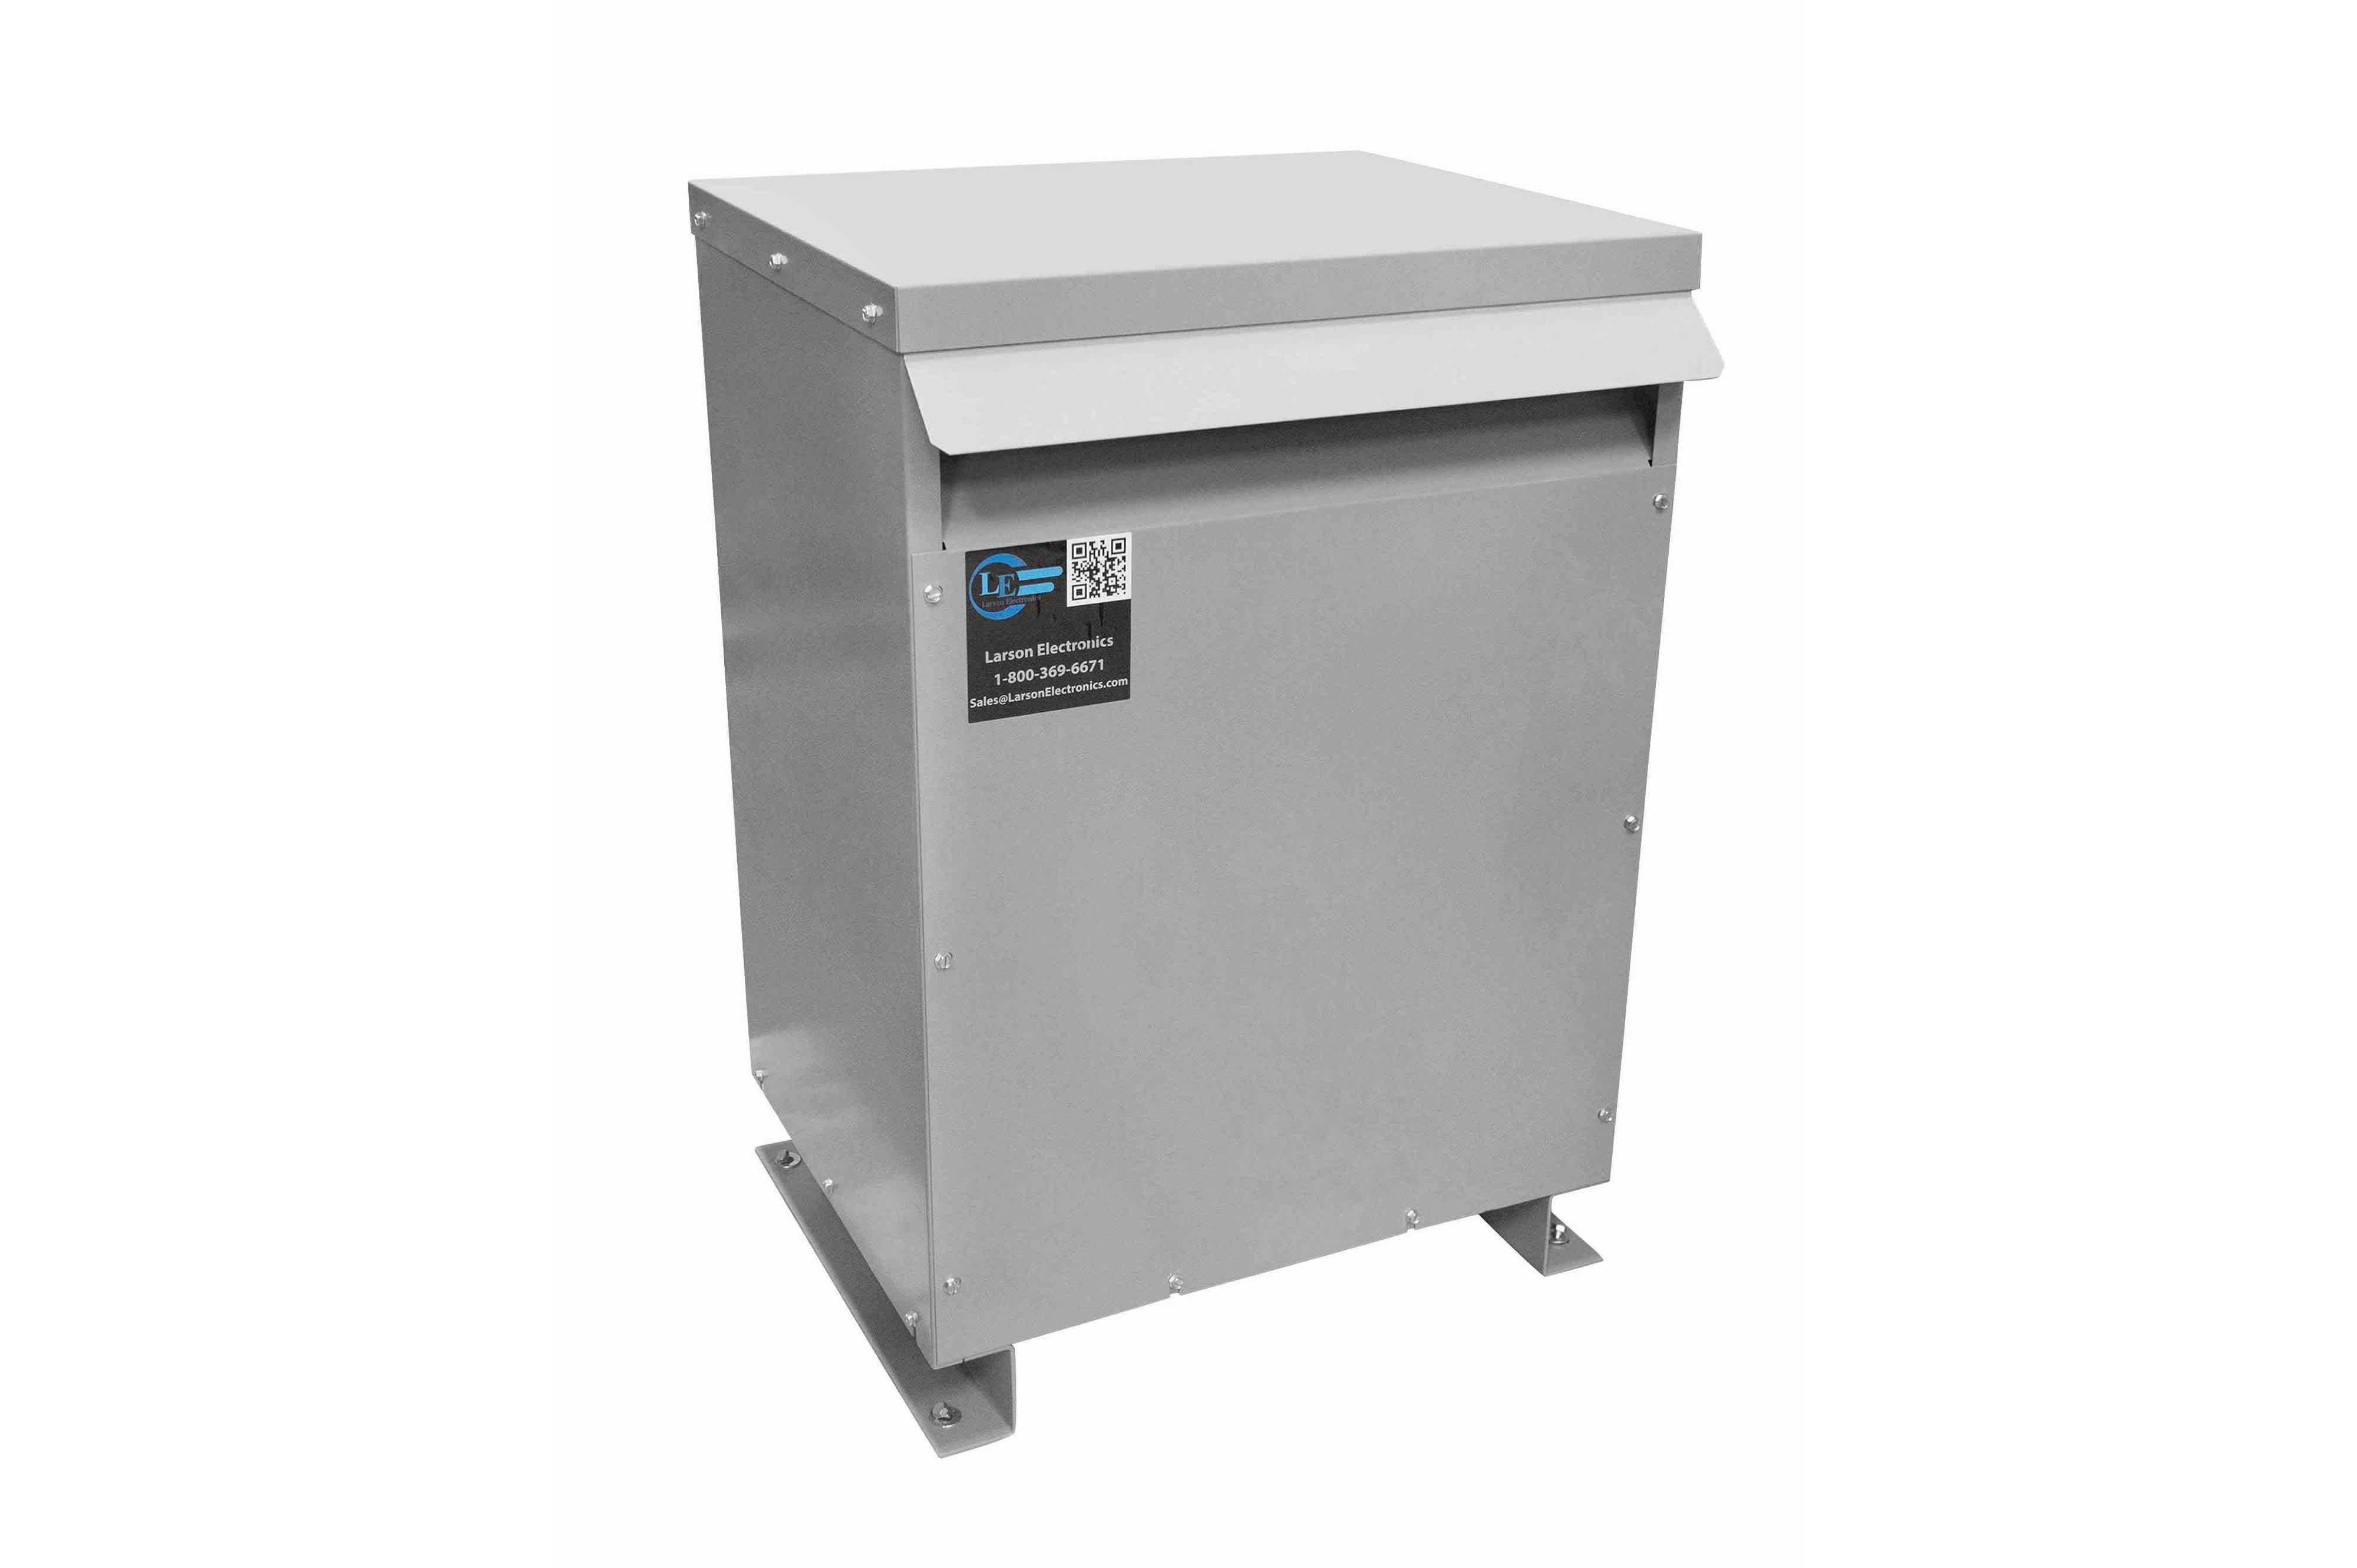 80 kVA 3PH Isolation Transformer, 575V Delta Primary, 415V Delta Secondary, N3R, Ventilated, 60 Hz